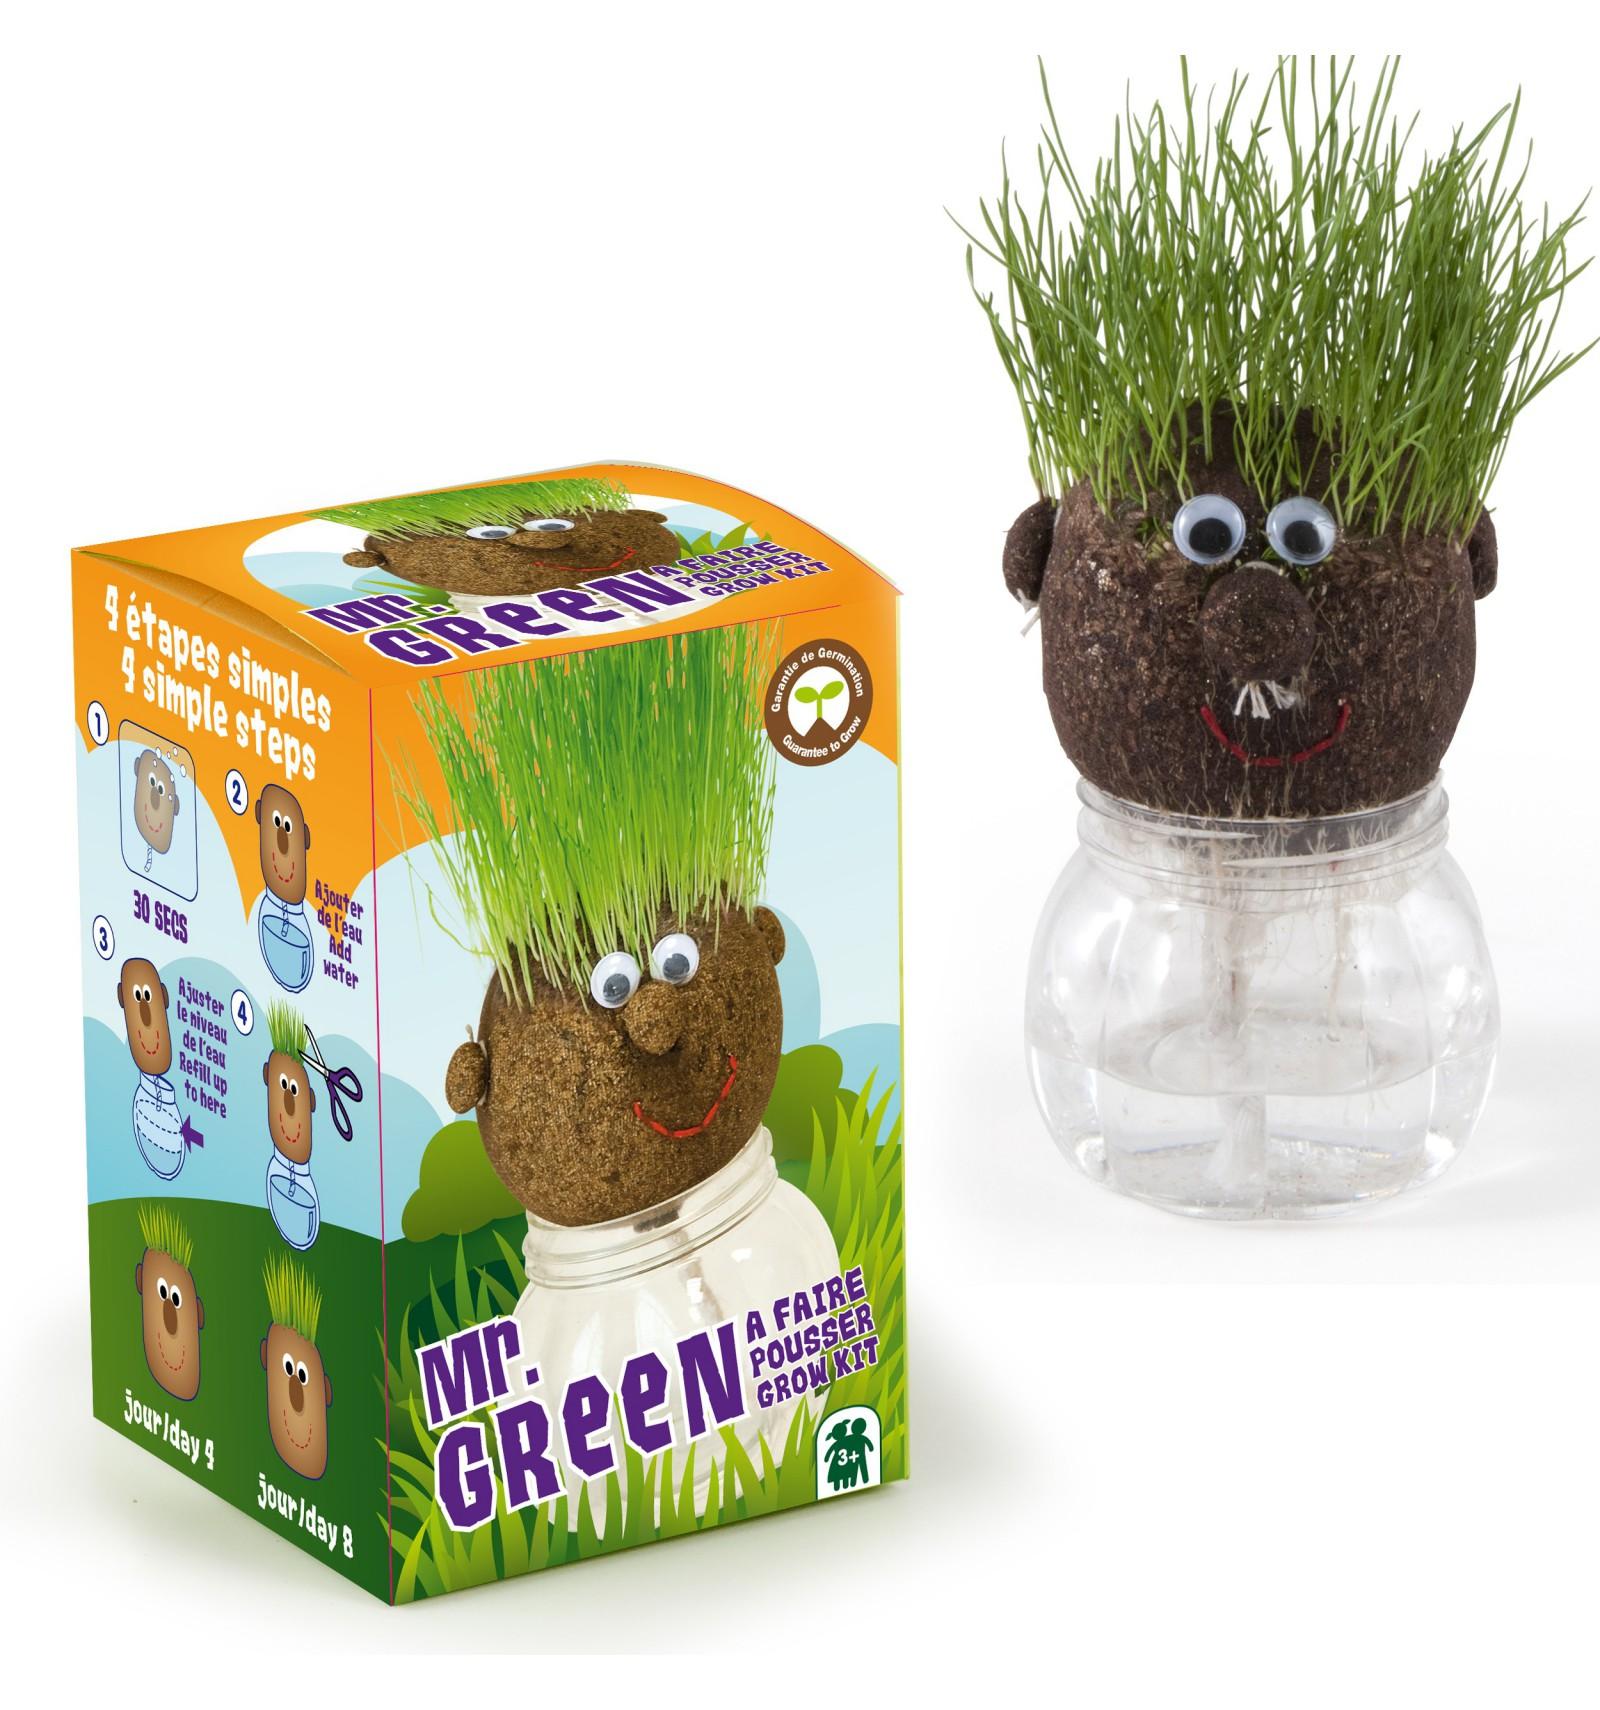 Mini zahrádka - Veselý květináč -  Mr. Green